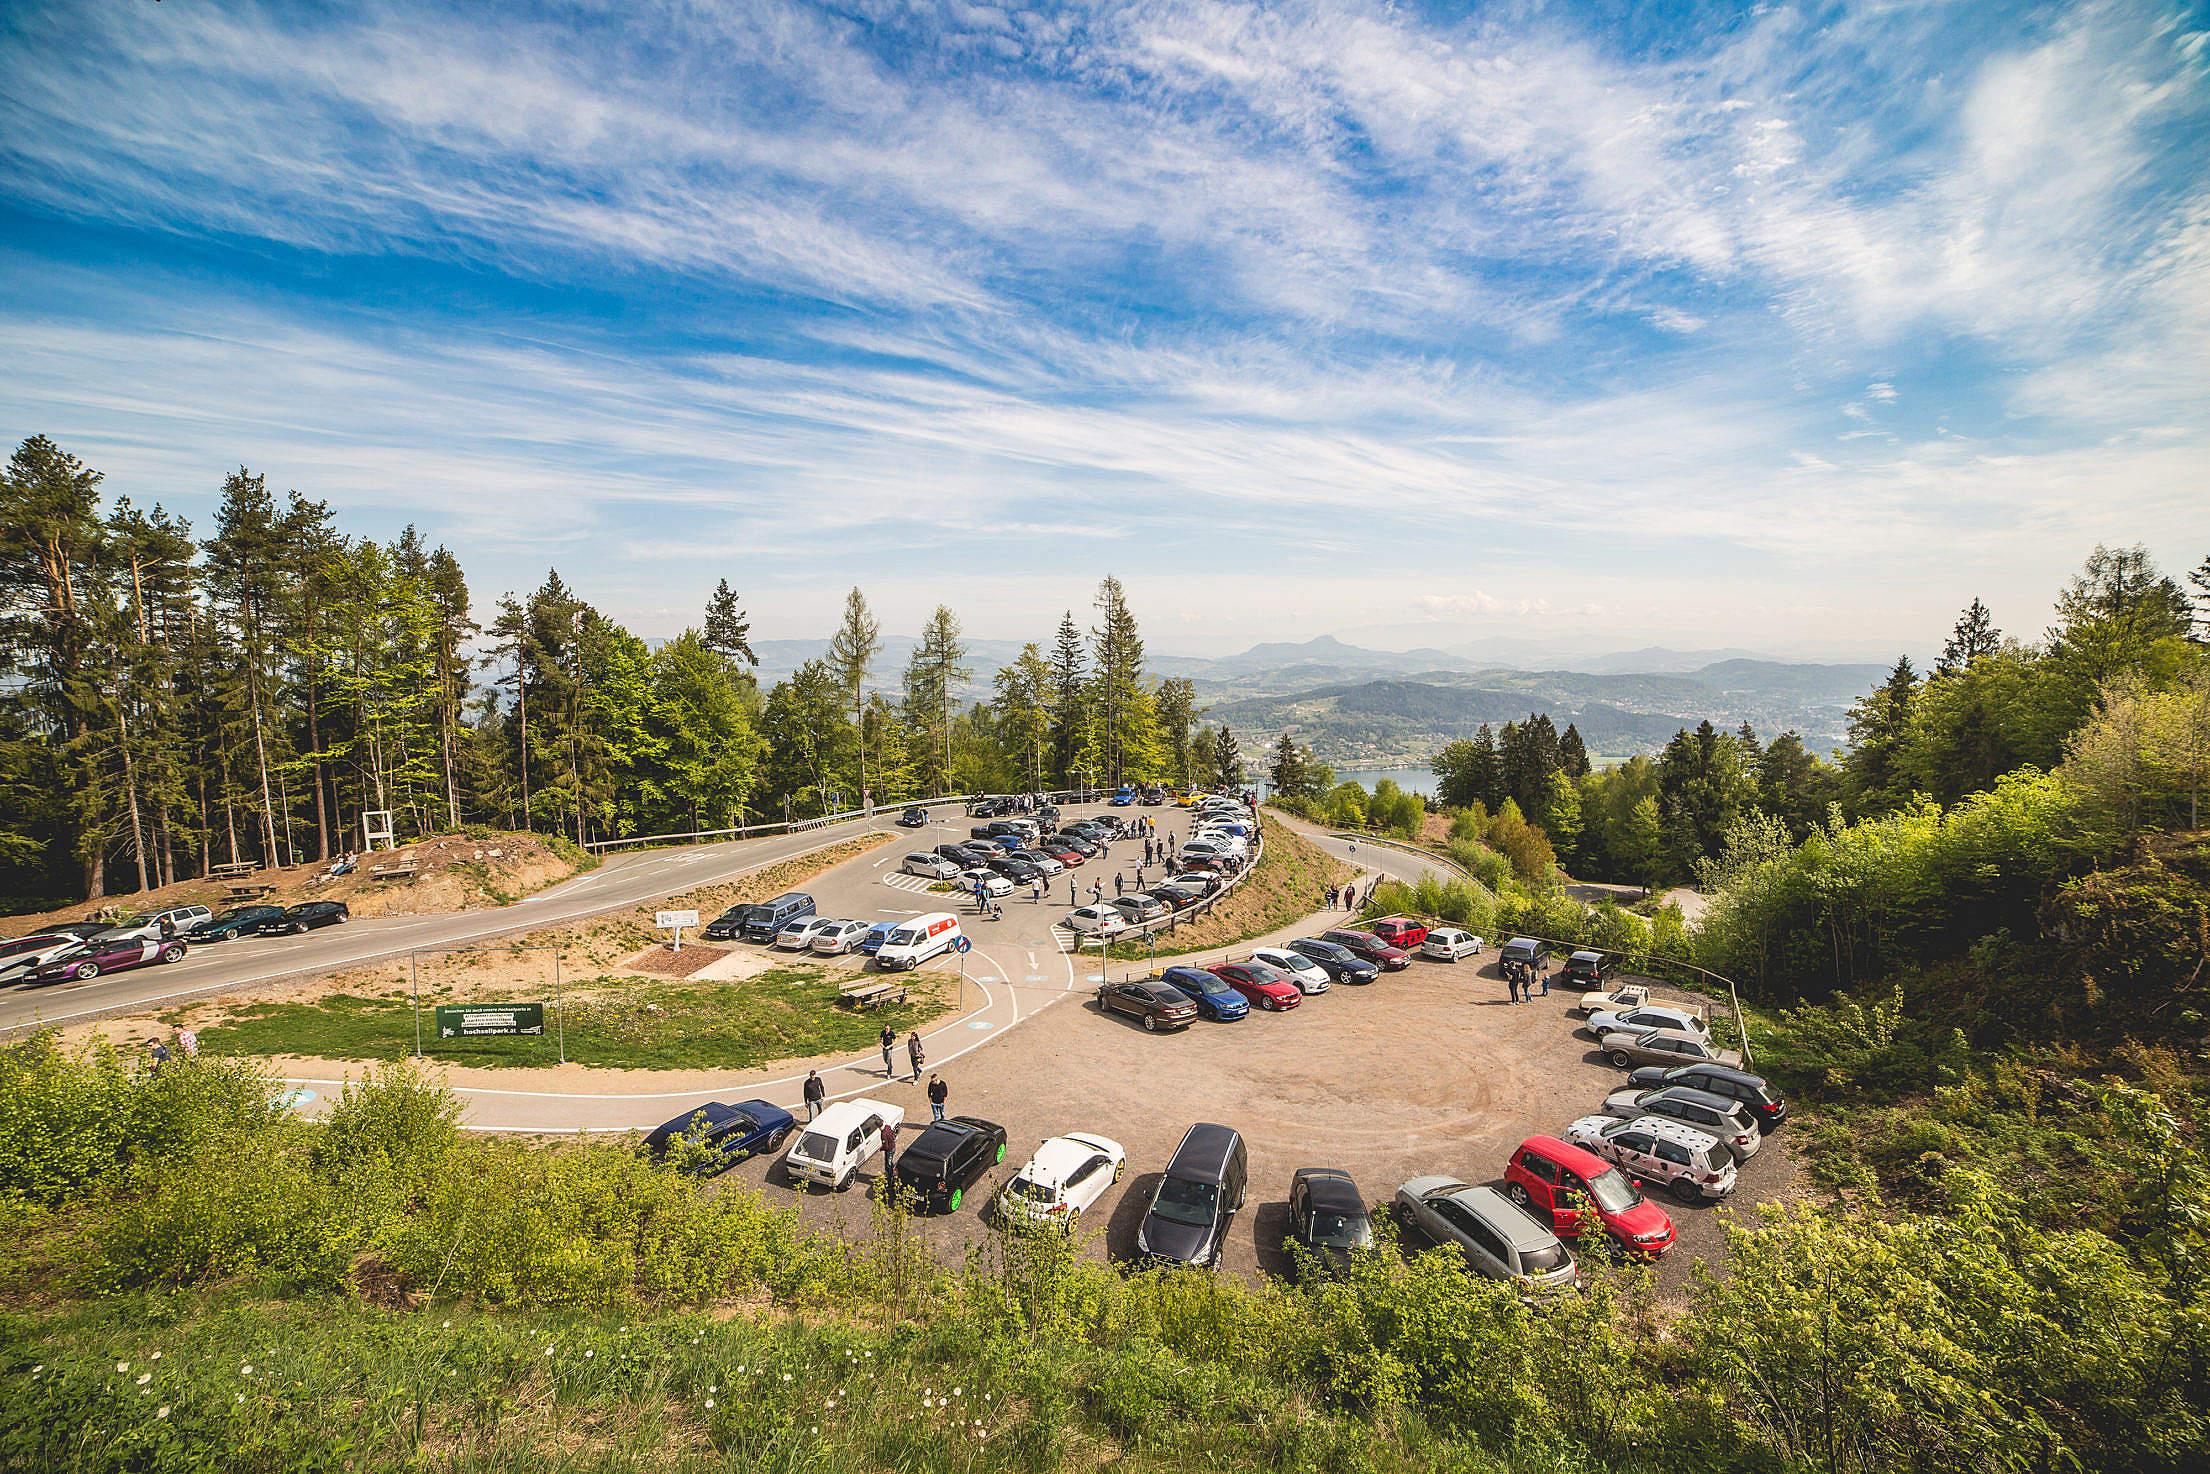 Wörthersee Treffen (car meet) Pyramidenkogel Parking Free Stock Photo